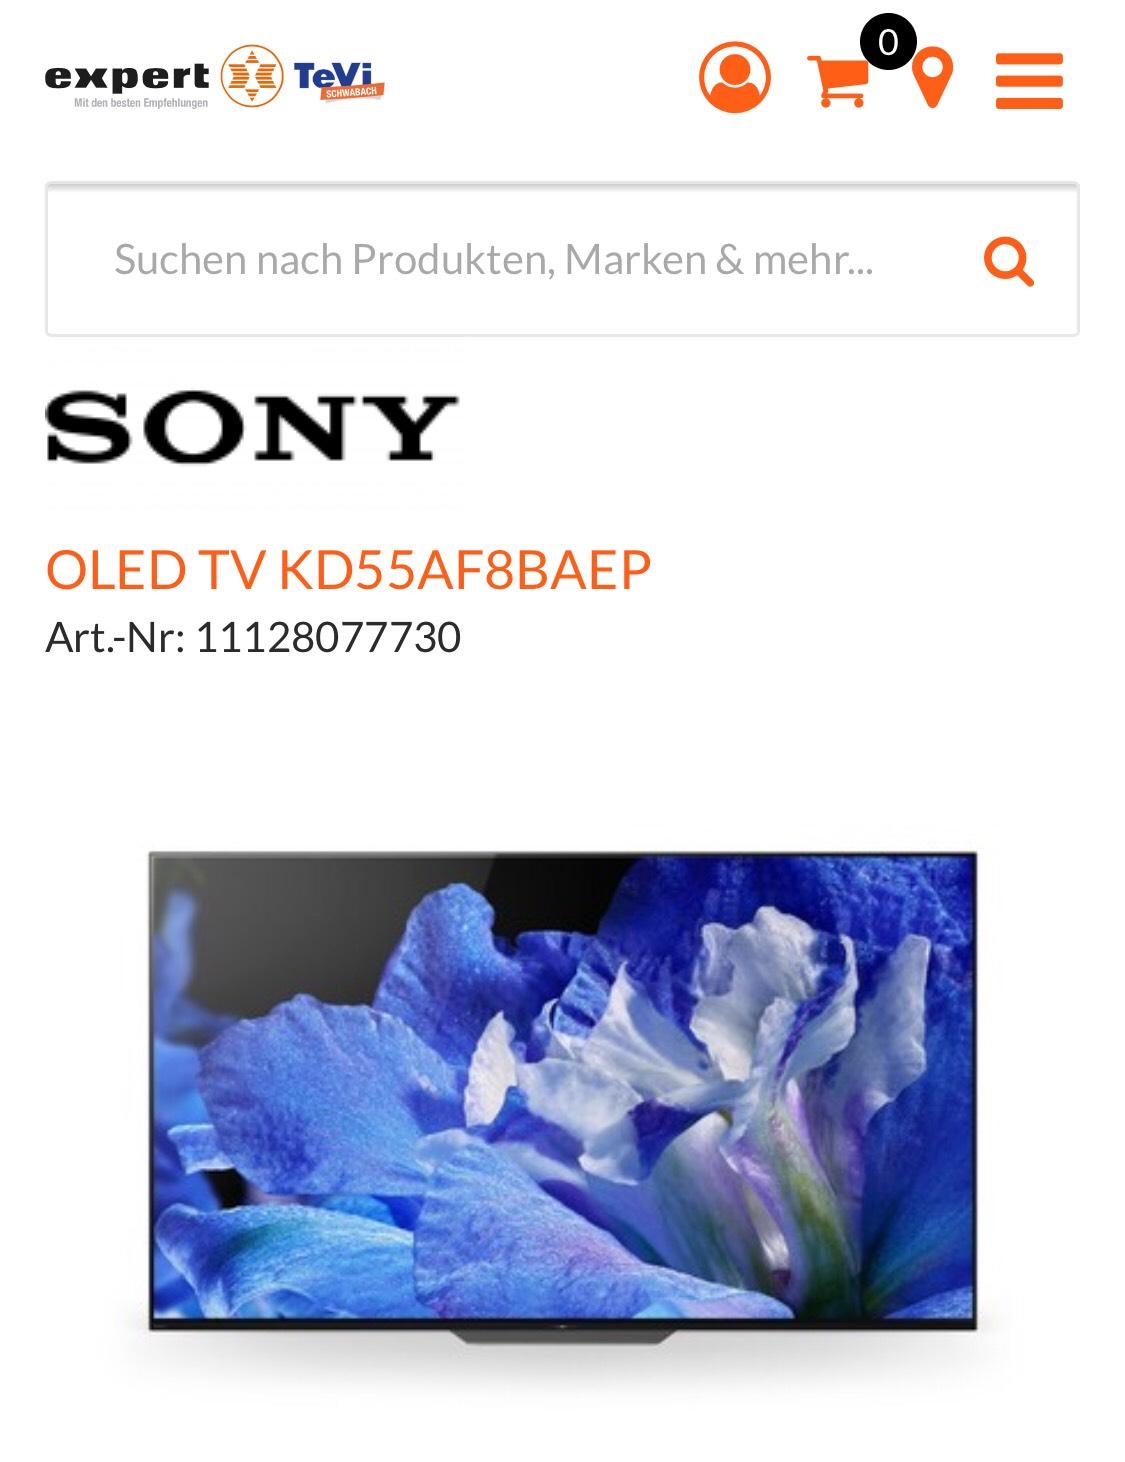 Sony KD55AF8 OLED PVG. 2299€